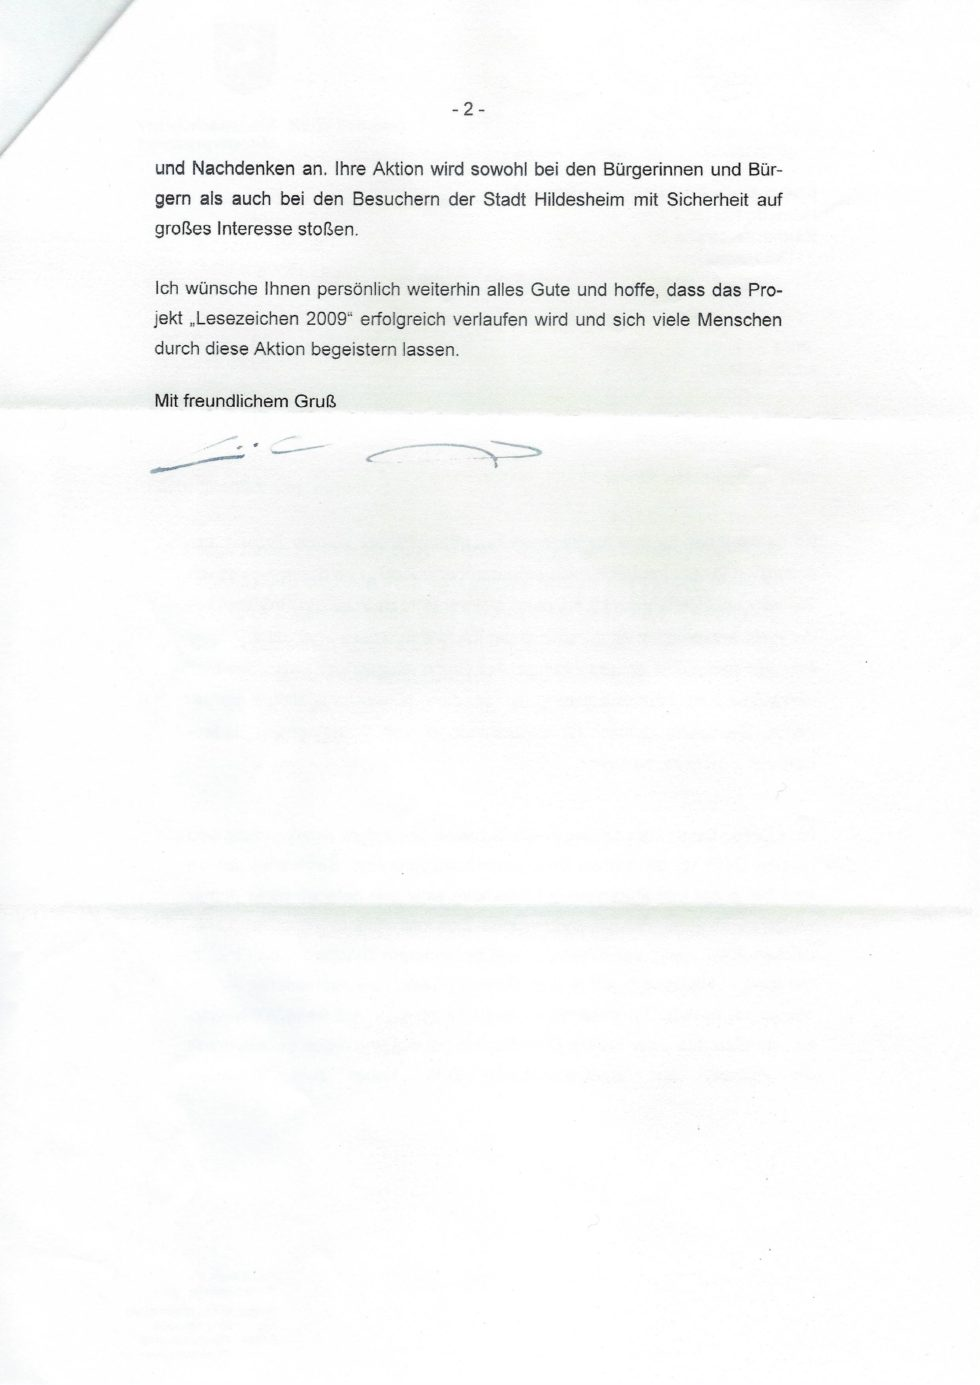 2009 Erstes LeseZeichen-Projekt u.v.m._Seite_16